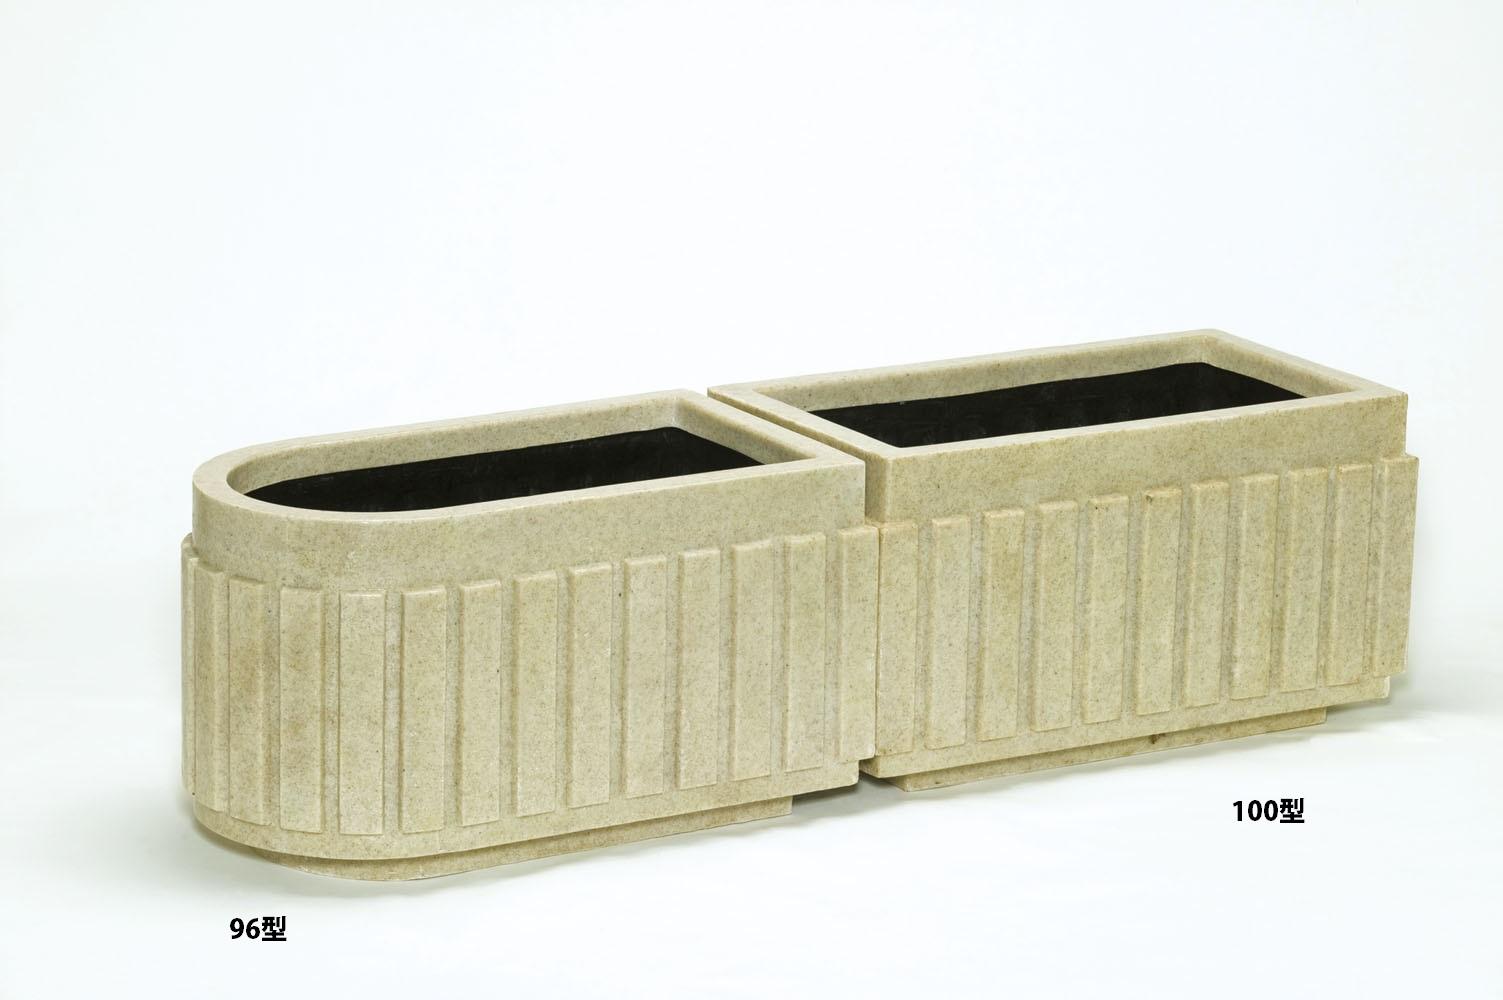 【【代引不可】上質な質感で高級感のあるシリーズ。シンプルデザインで植物を引き立て、空間に調和します。 ファイバーグラス プランター [960-0103] 御影システムプランター 100型御影 植木鉢 鉢カバー シンプル おしゃれ 大型 花 ガーデニング (サイズ 横100.0×奥行54.0×高さ54.0cm)